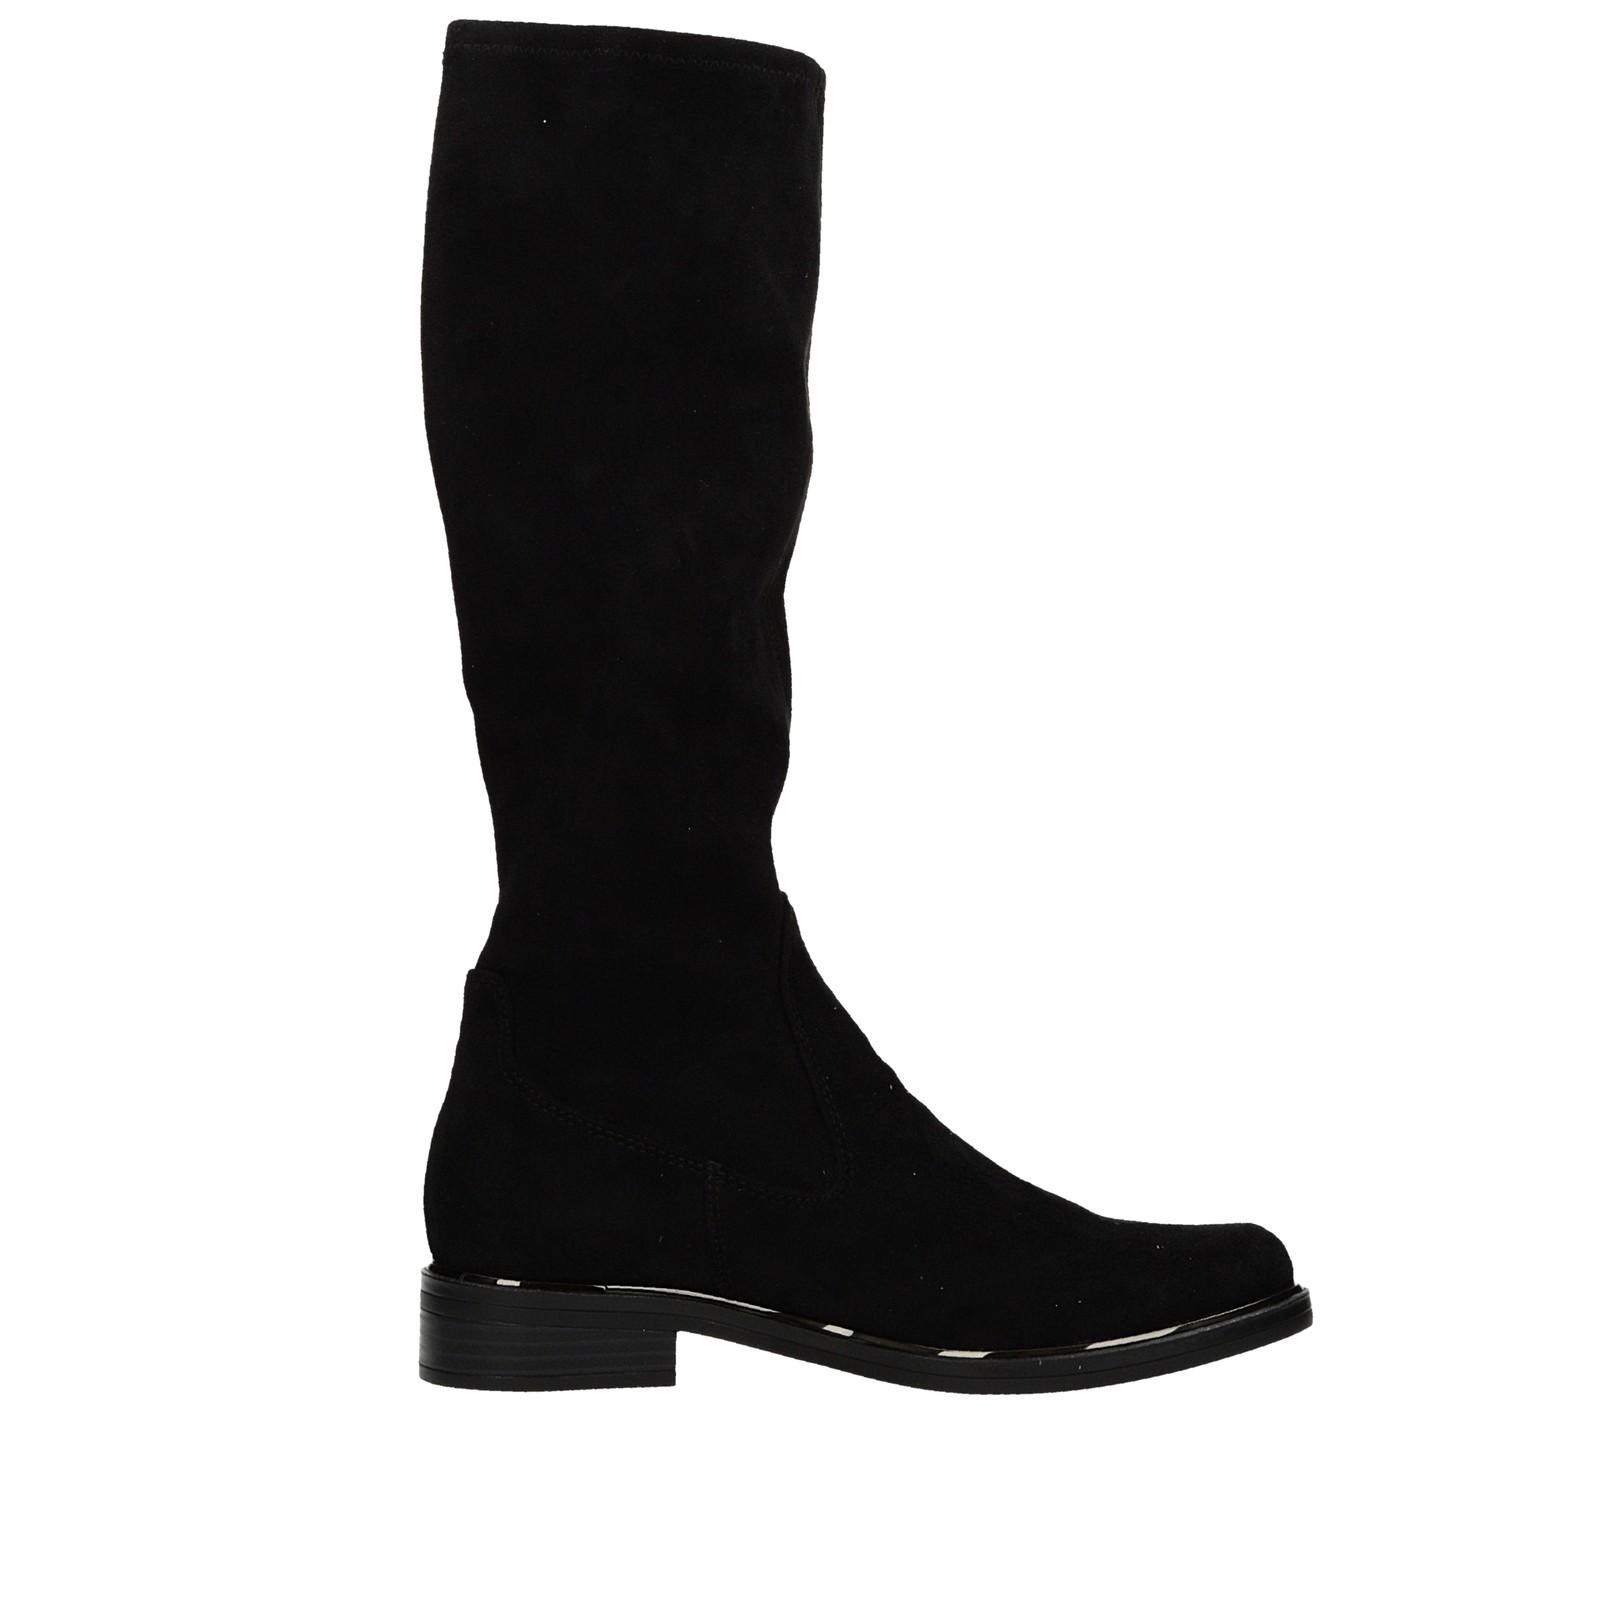 Caprice dámské pohodlné nízké kozačky - černé